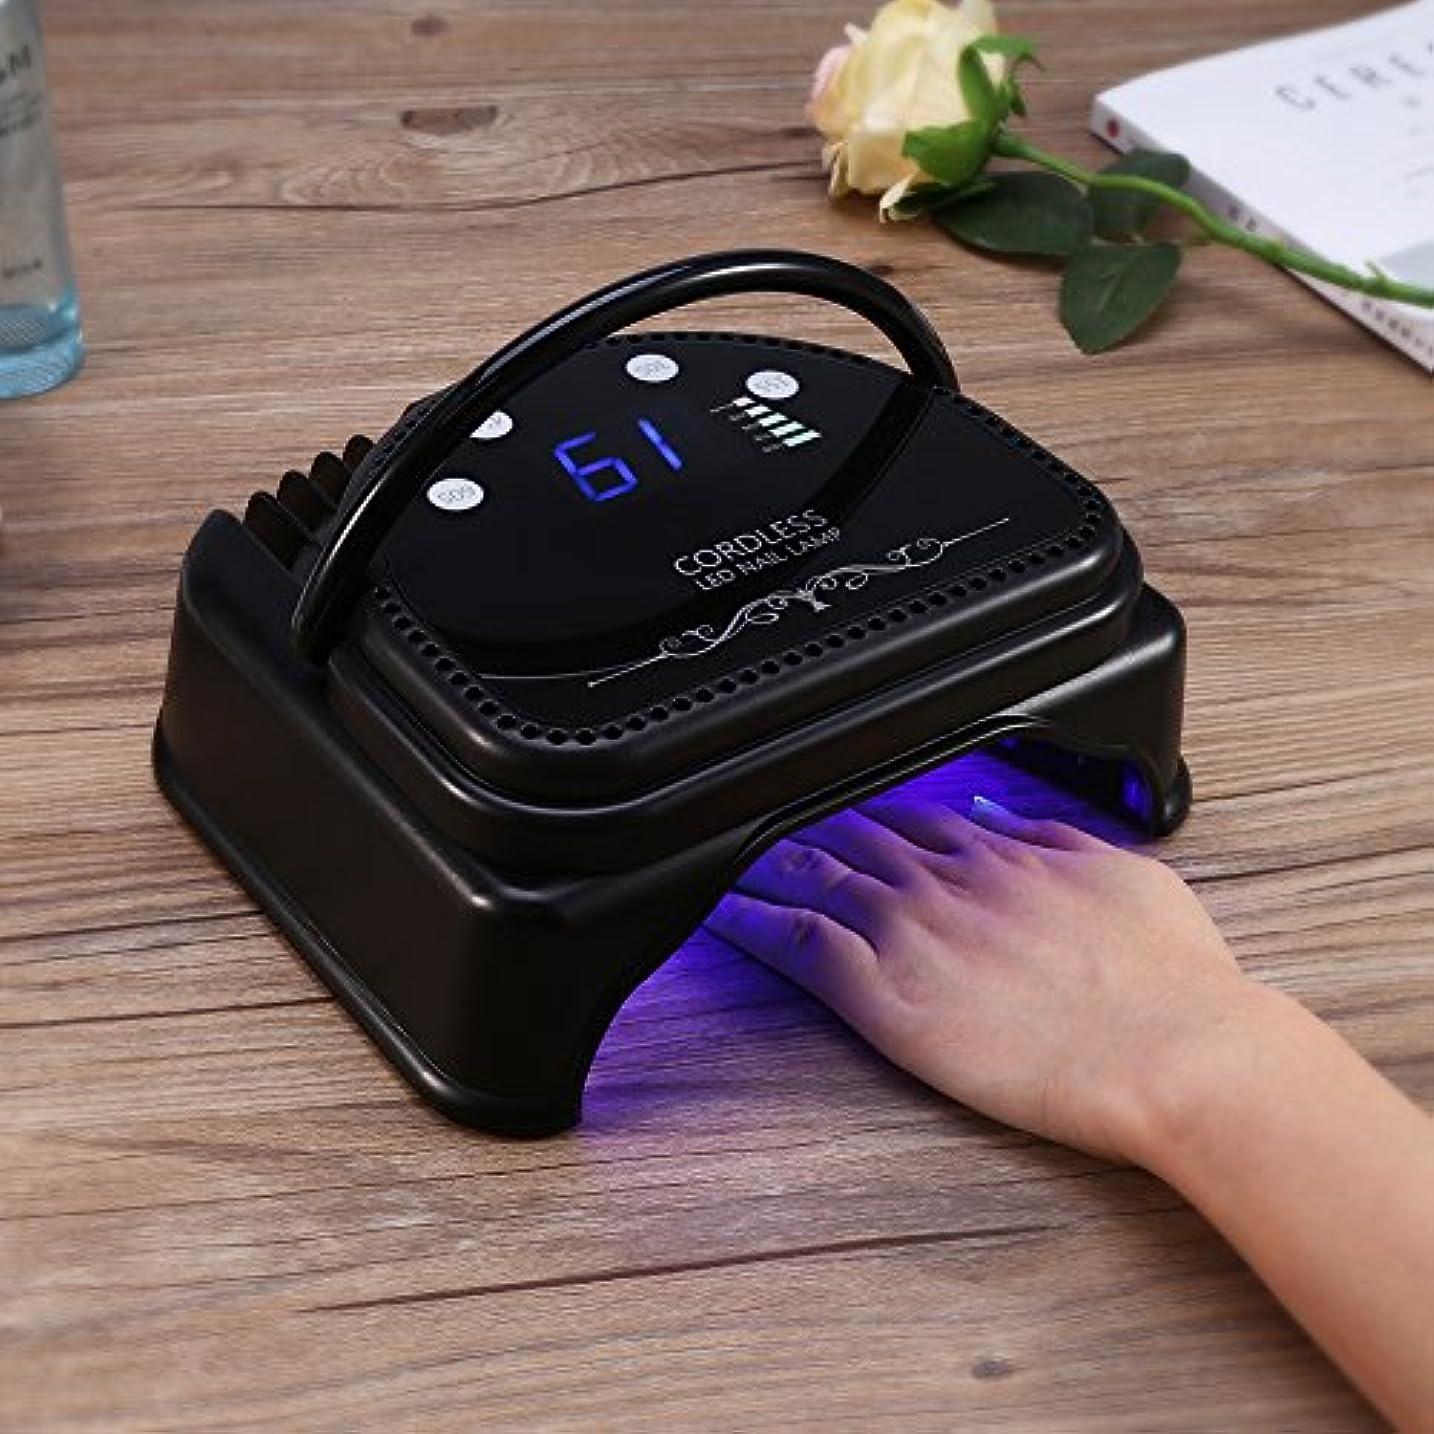 慈悲落ちたネイルランプ、スマートセンサーマニキュアツールを備えた3種類のコードレス充電式LEDネイルドライヤーマシン(私たち)